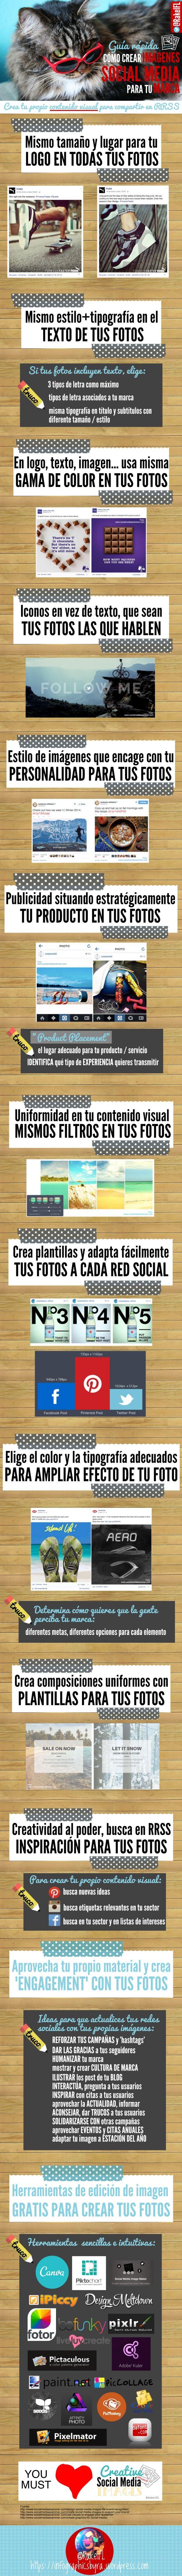 Hola Una infografa sobre Imágenes social media gua rápida de contenido visual para tu